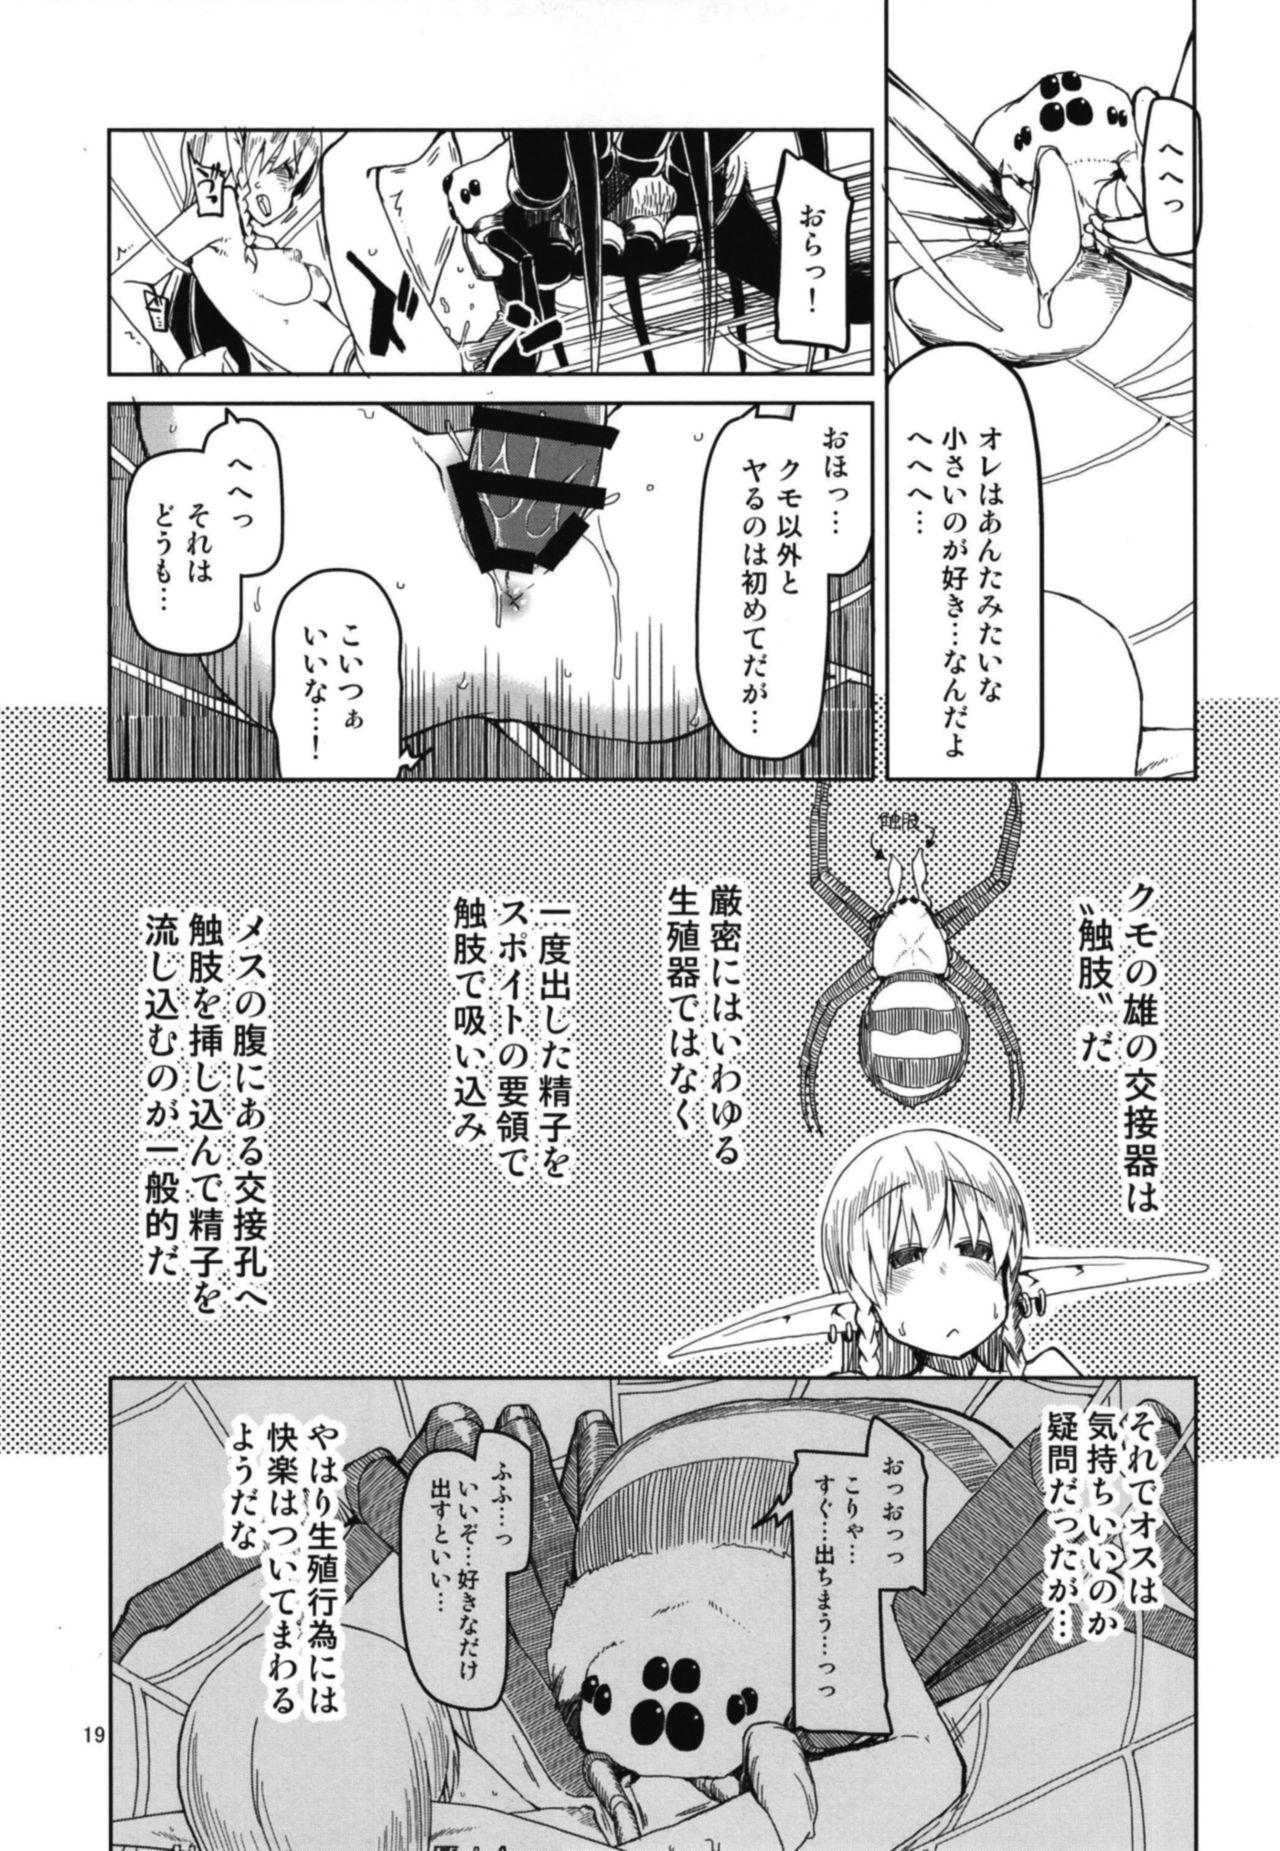 Dosukebe Elf no Ishukan Nikki 5 20